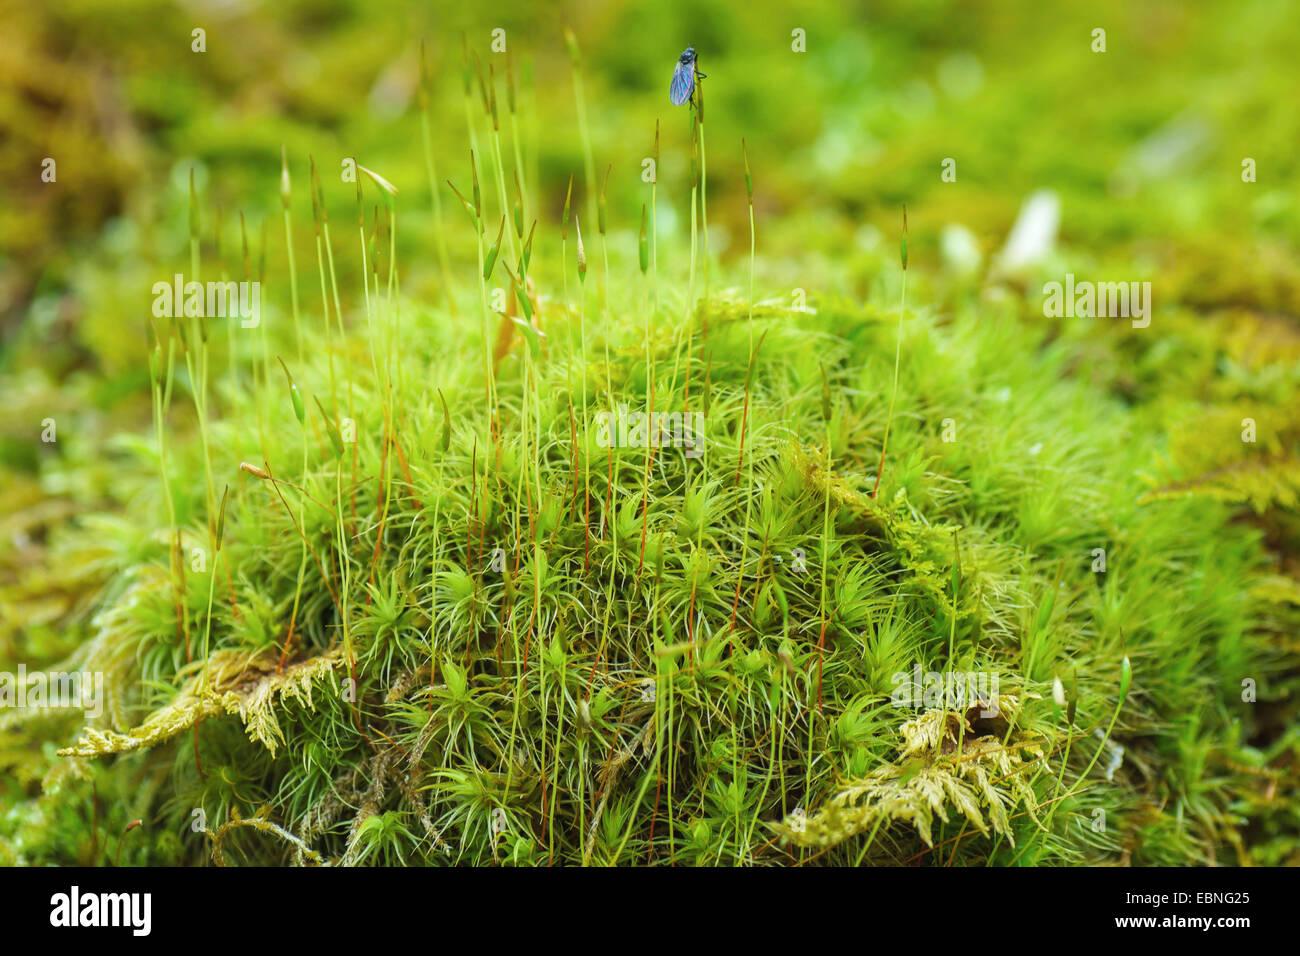 Besen Moos (Dicranium Scoparium), Moospad mit Kapseln und Fliege, Oberbayern, Oberbayern, Bayern, Deutschland Stockbild